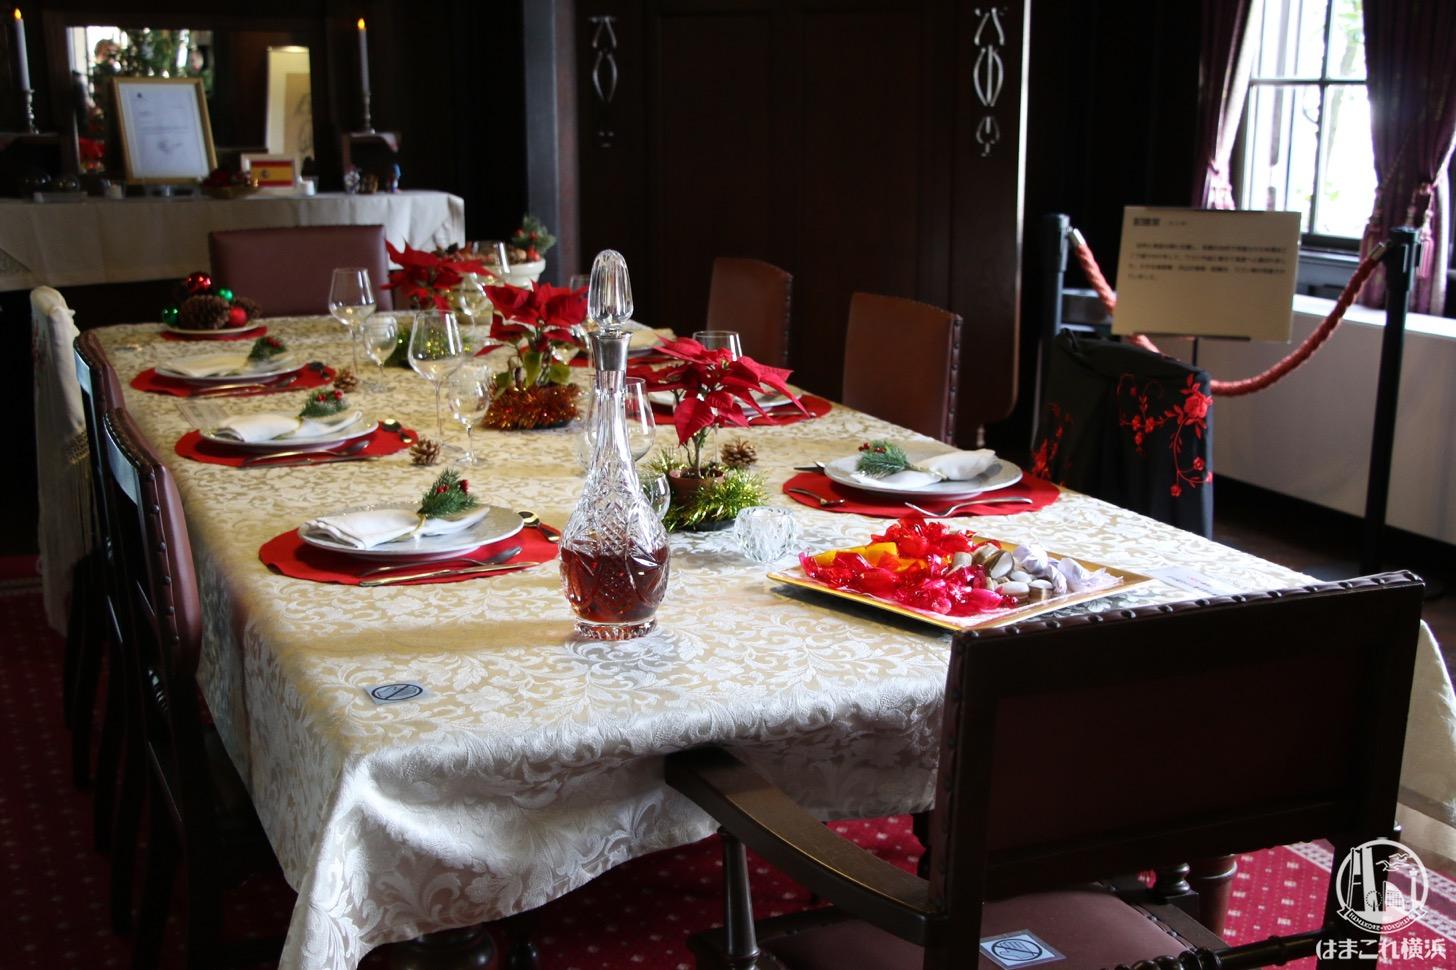 外交官の家 クリスマス仕様